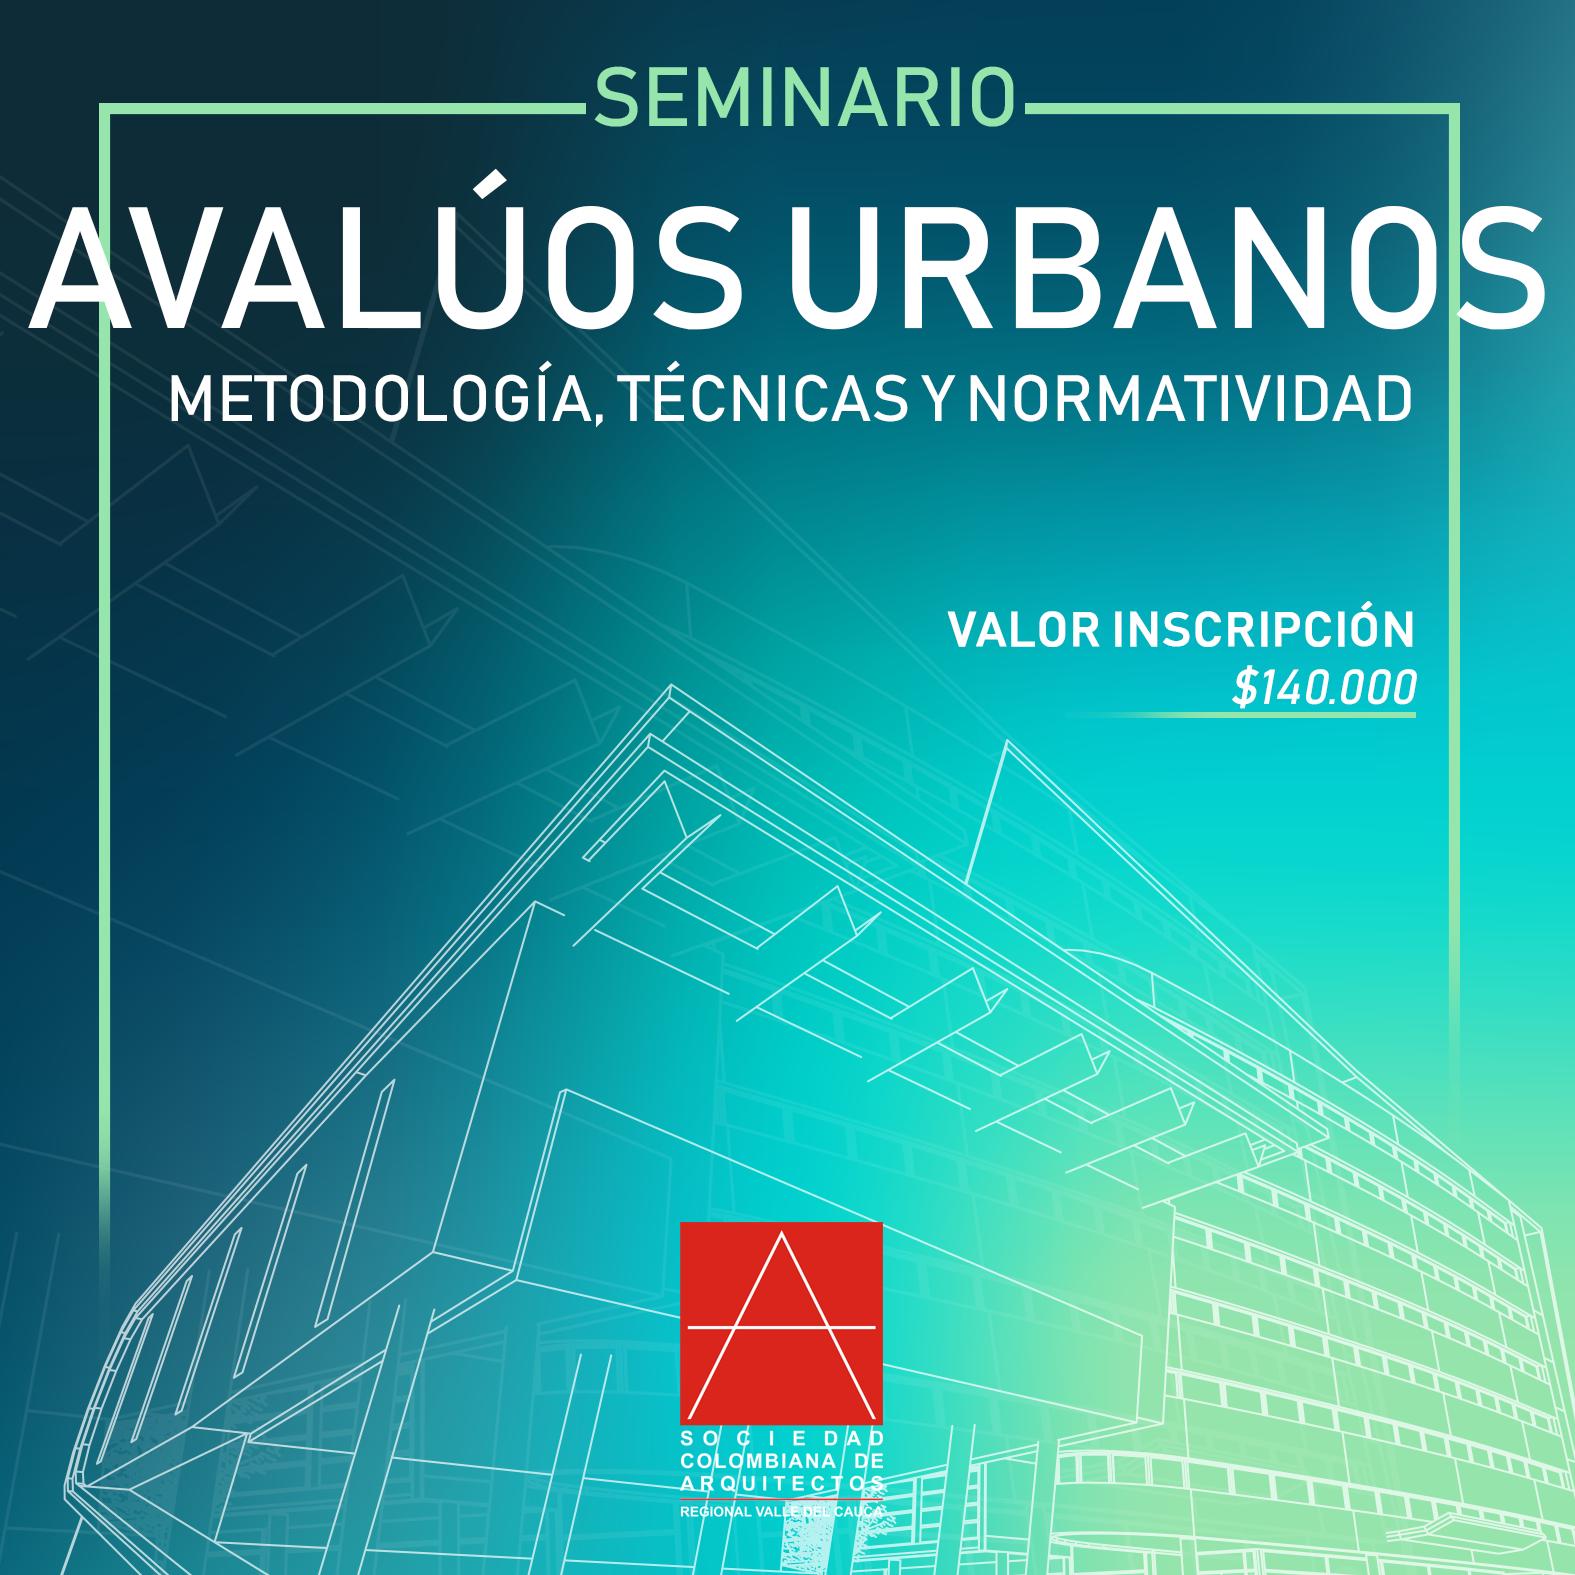 Seminario AVALÚOS URBANOS – Metodología, técnicas y normatividad